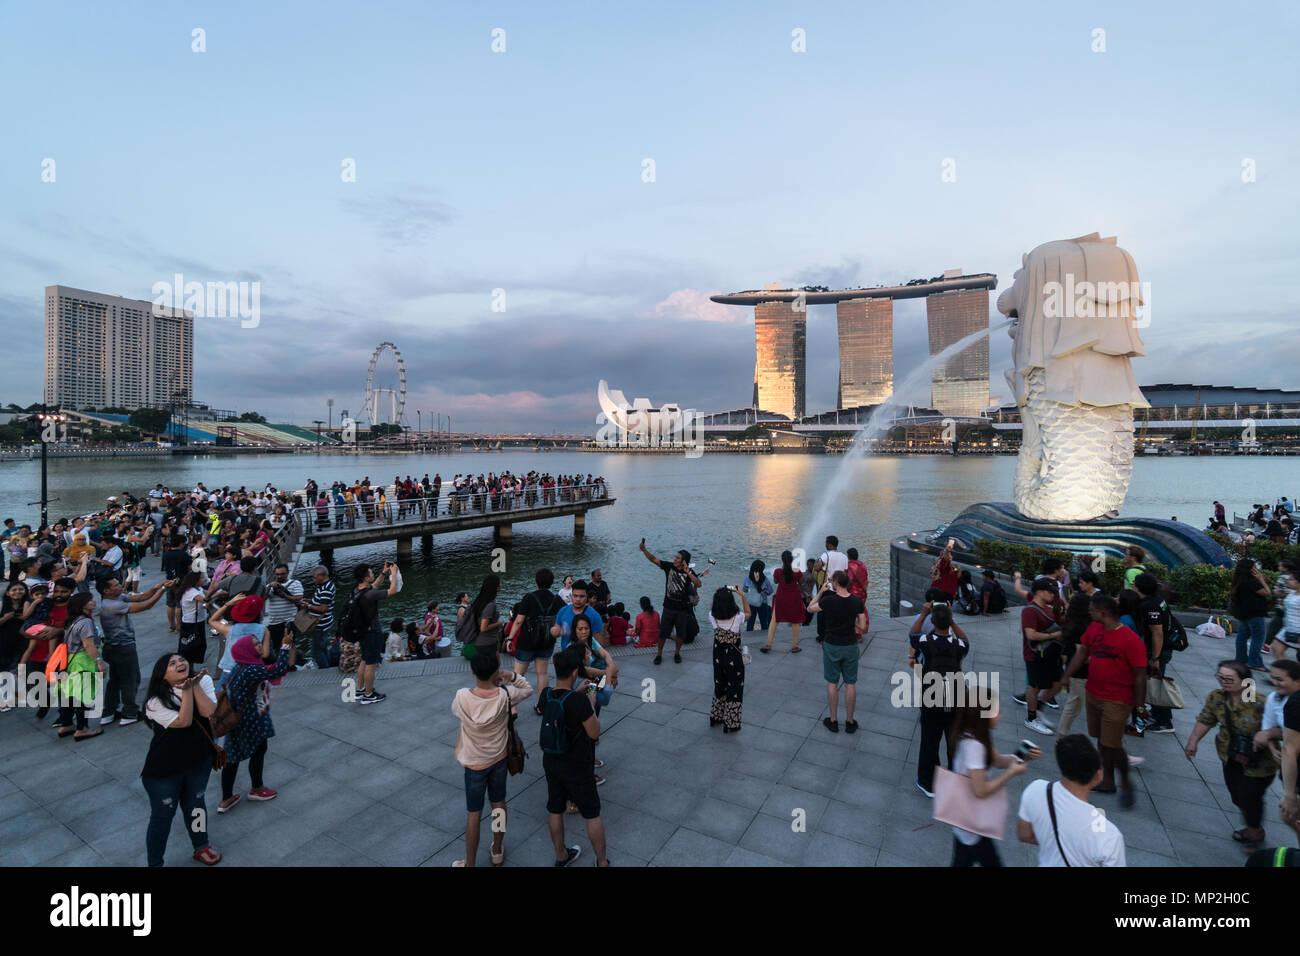 Singapour - 13 mai 2018: Une grande foule de touristes de prendre des photos et en selfies avant de la fontaine par Merlion le Marina Bay au coucher du soleil à Singapour Banque D'Images